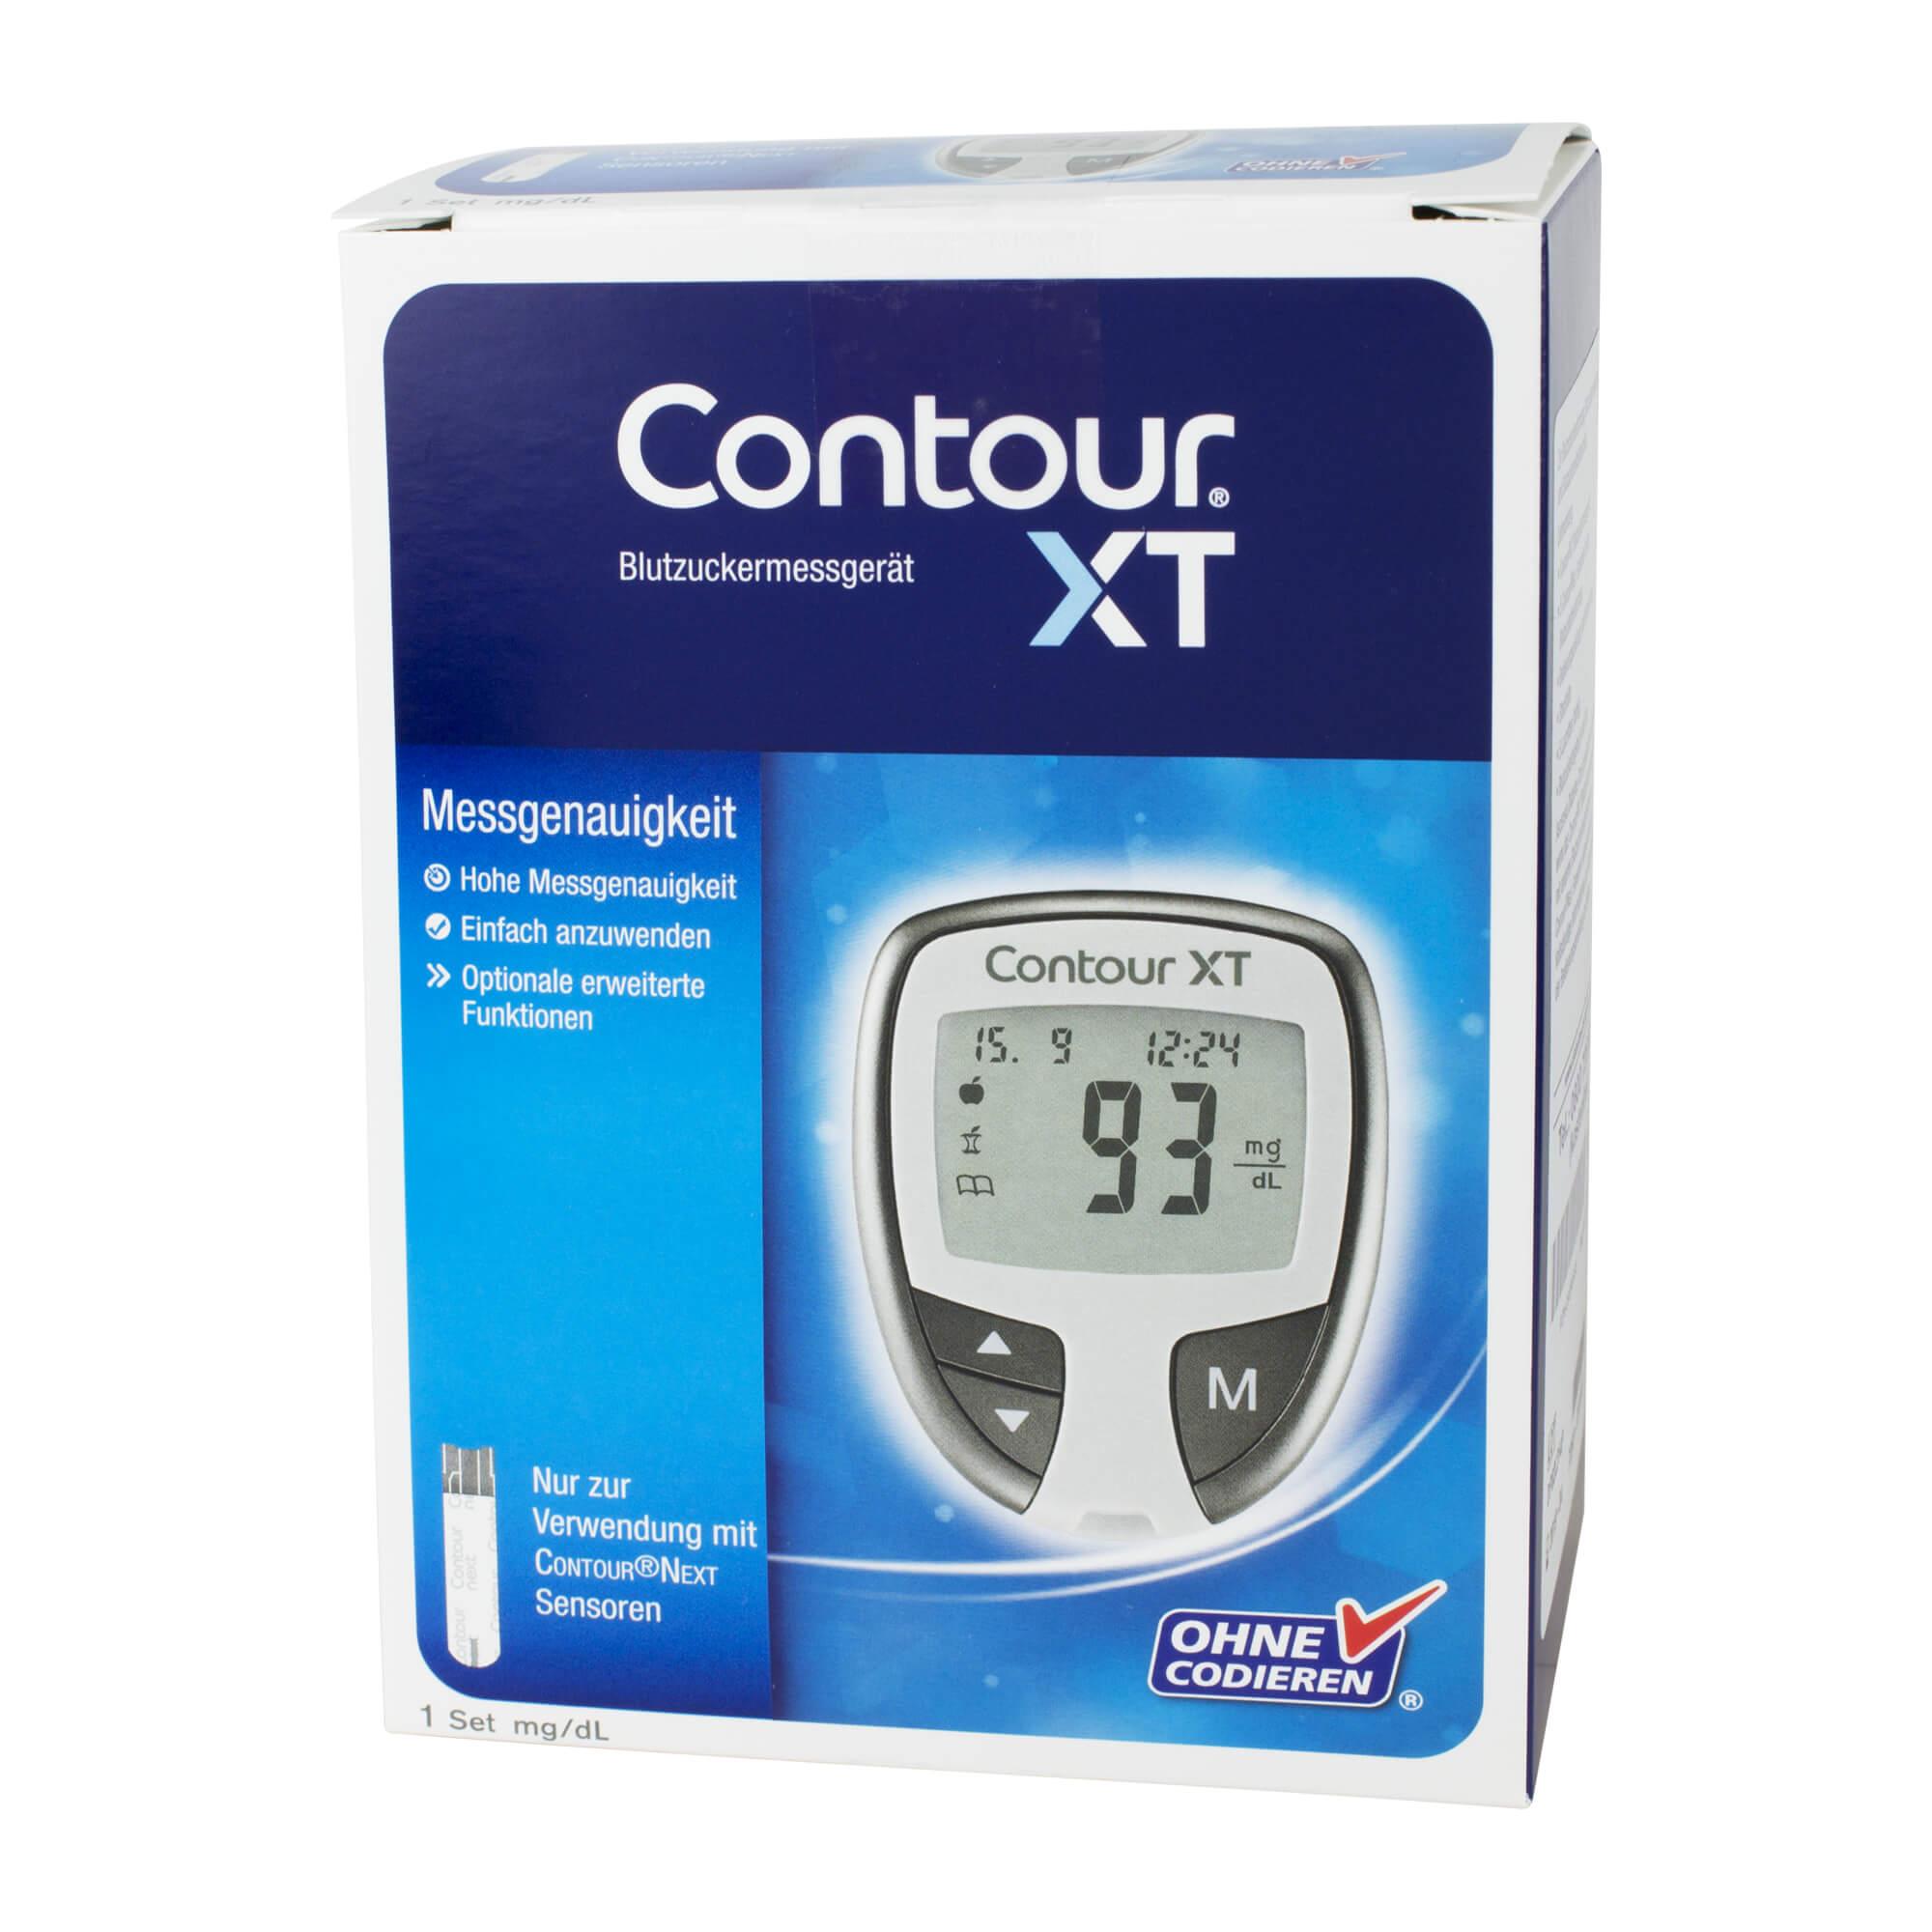 Contour XT Set Blutzuckermessgerät mg/dL